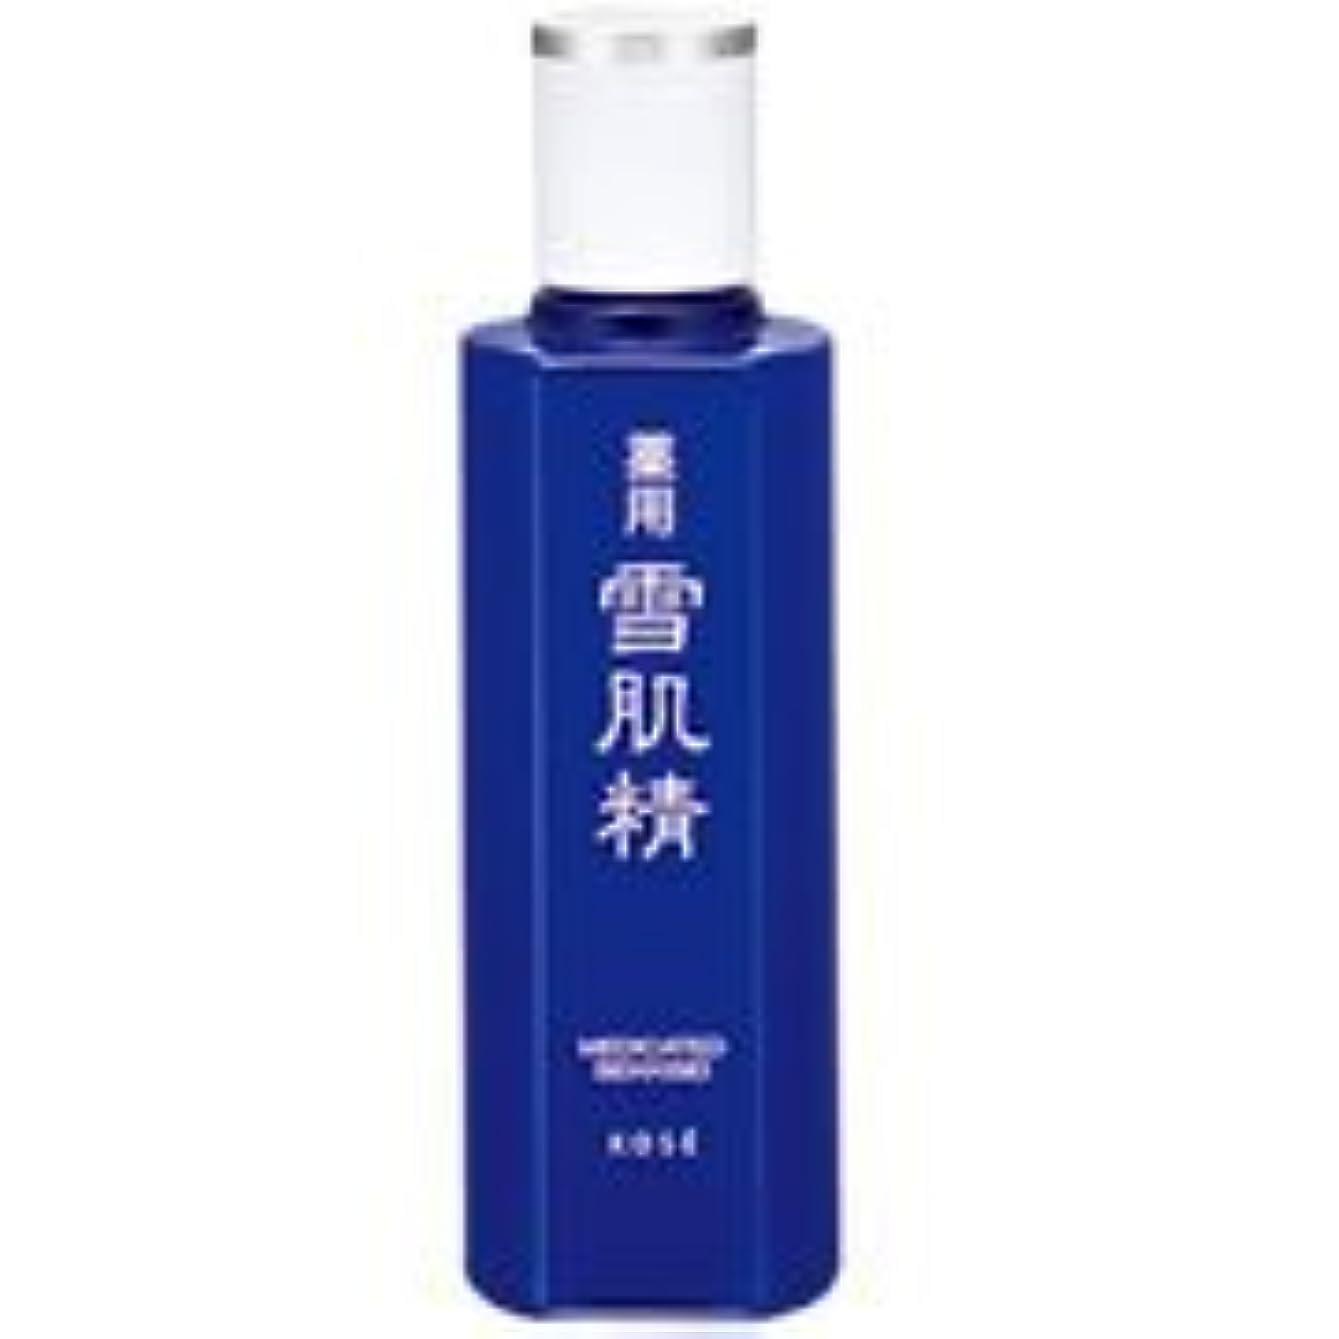 合併症バンドル過敏なコーセー 薬用 雪肌精 化粧水 限定 トライアルサイズ 140ml